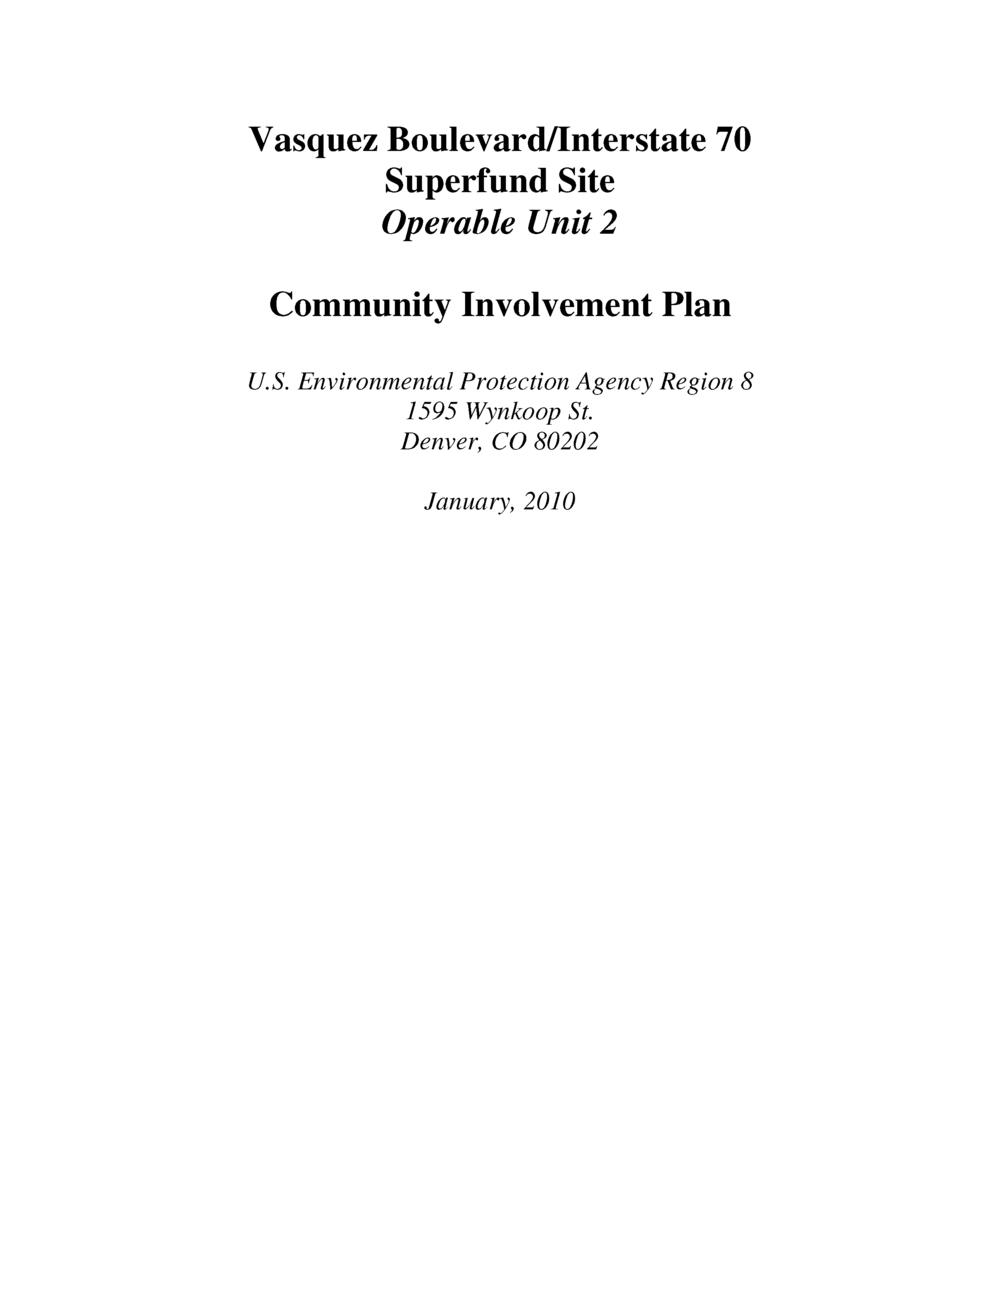 VBI70_EPA Super Fund Site 1.png